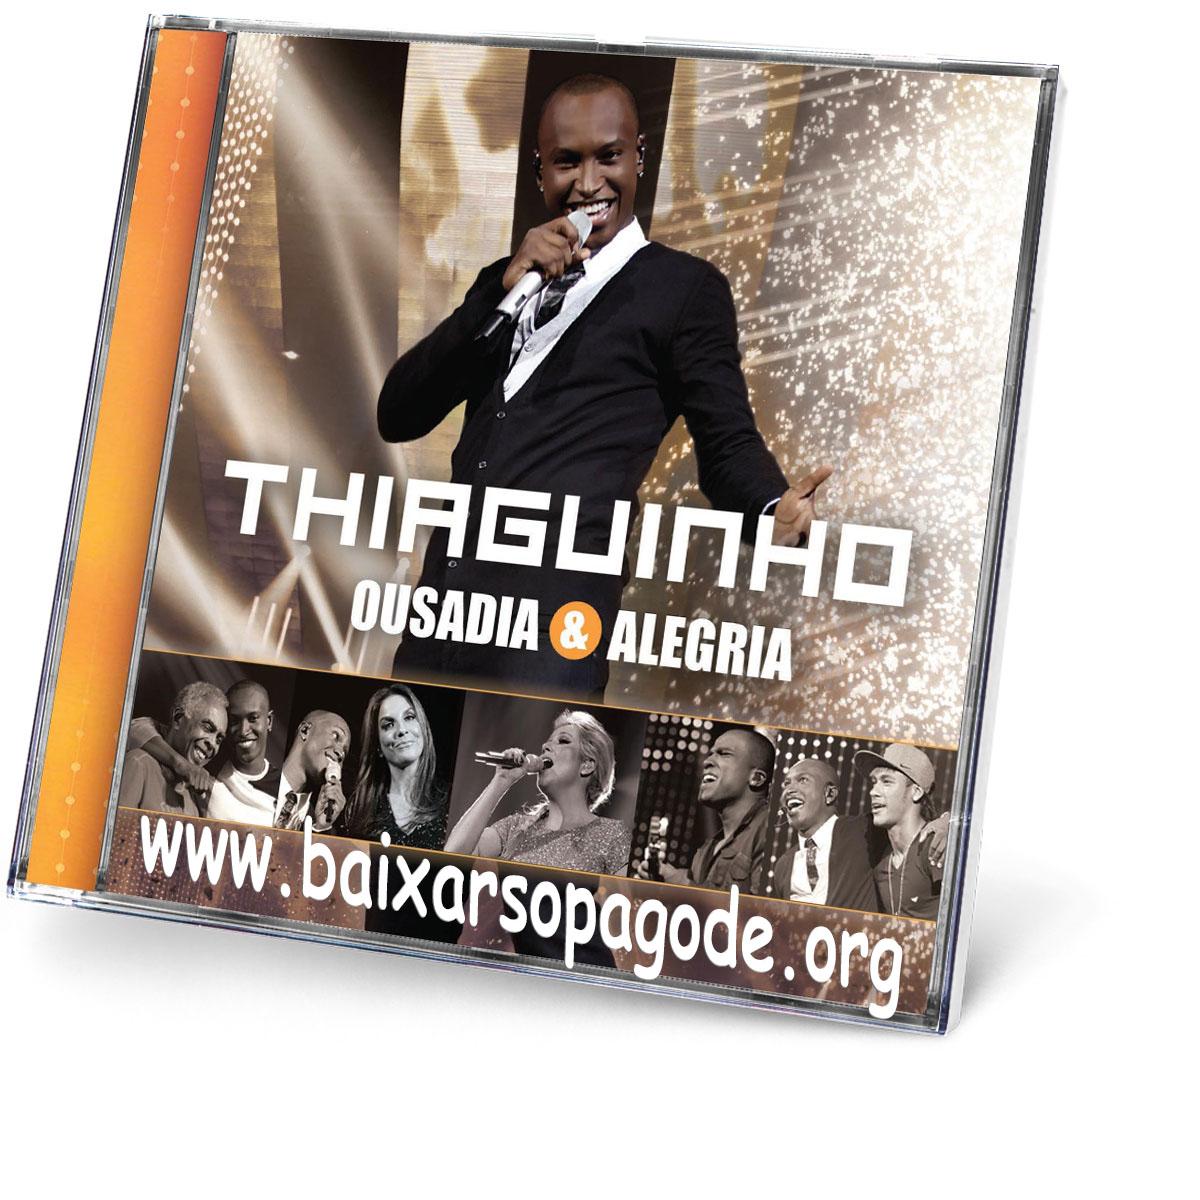 Thiaguinho - Ousadia e Alegria (Áudio DVD 2012 COMPLETO)